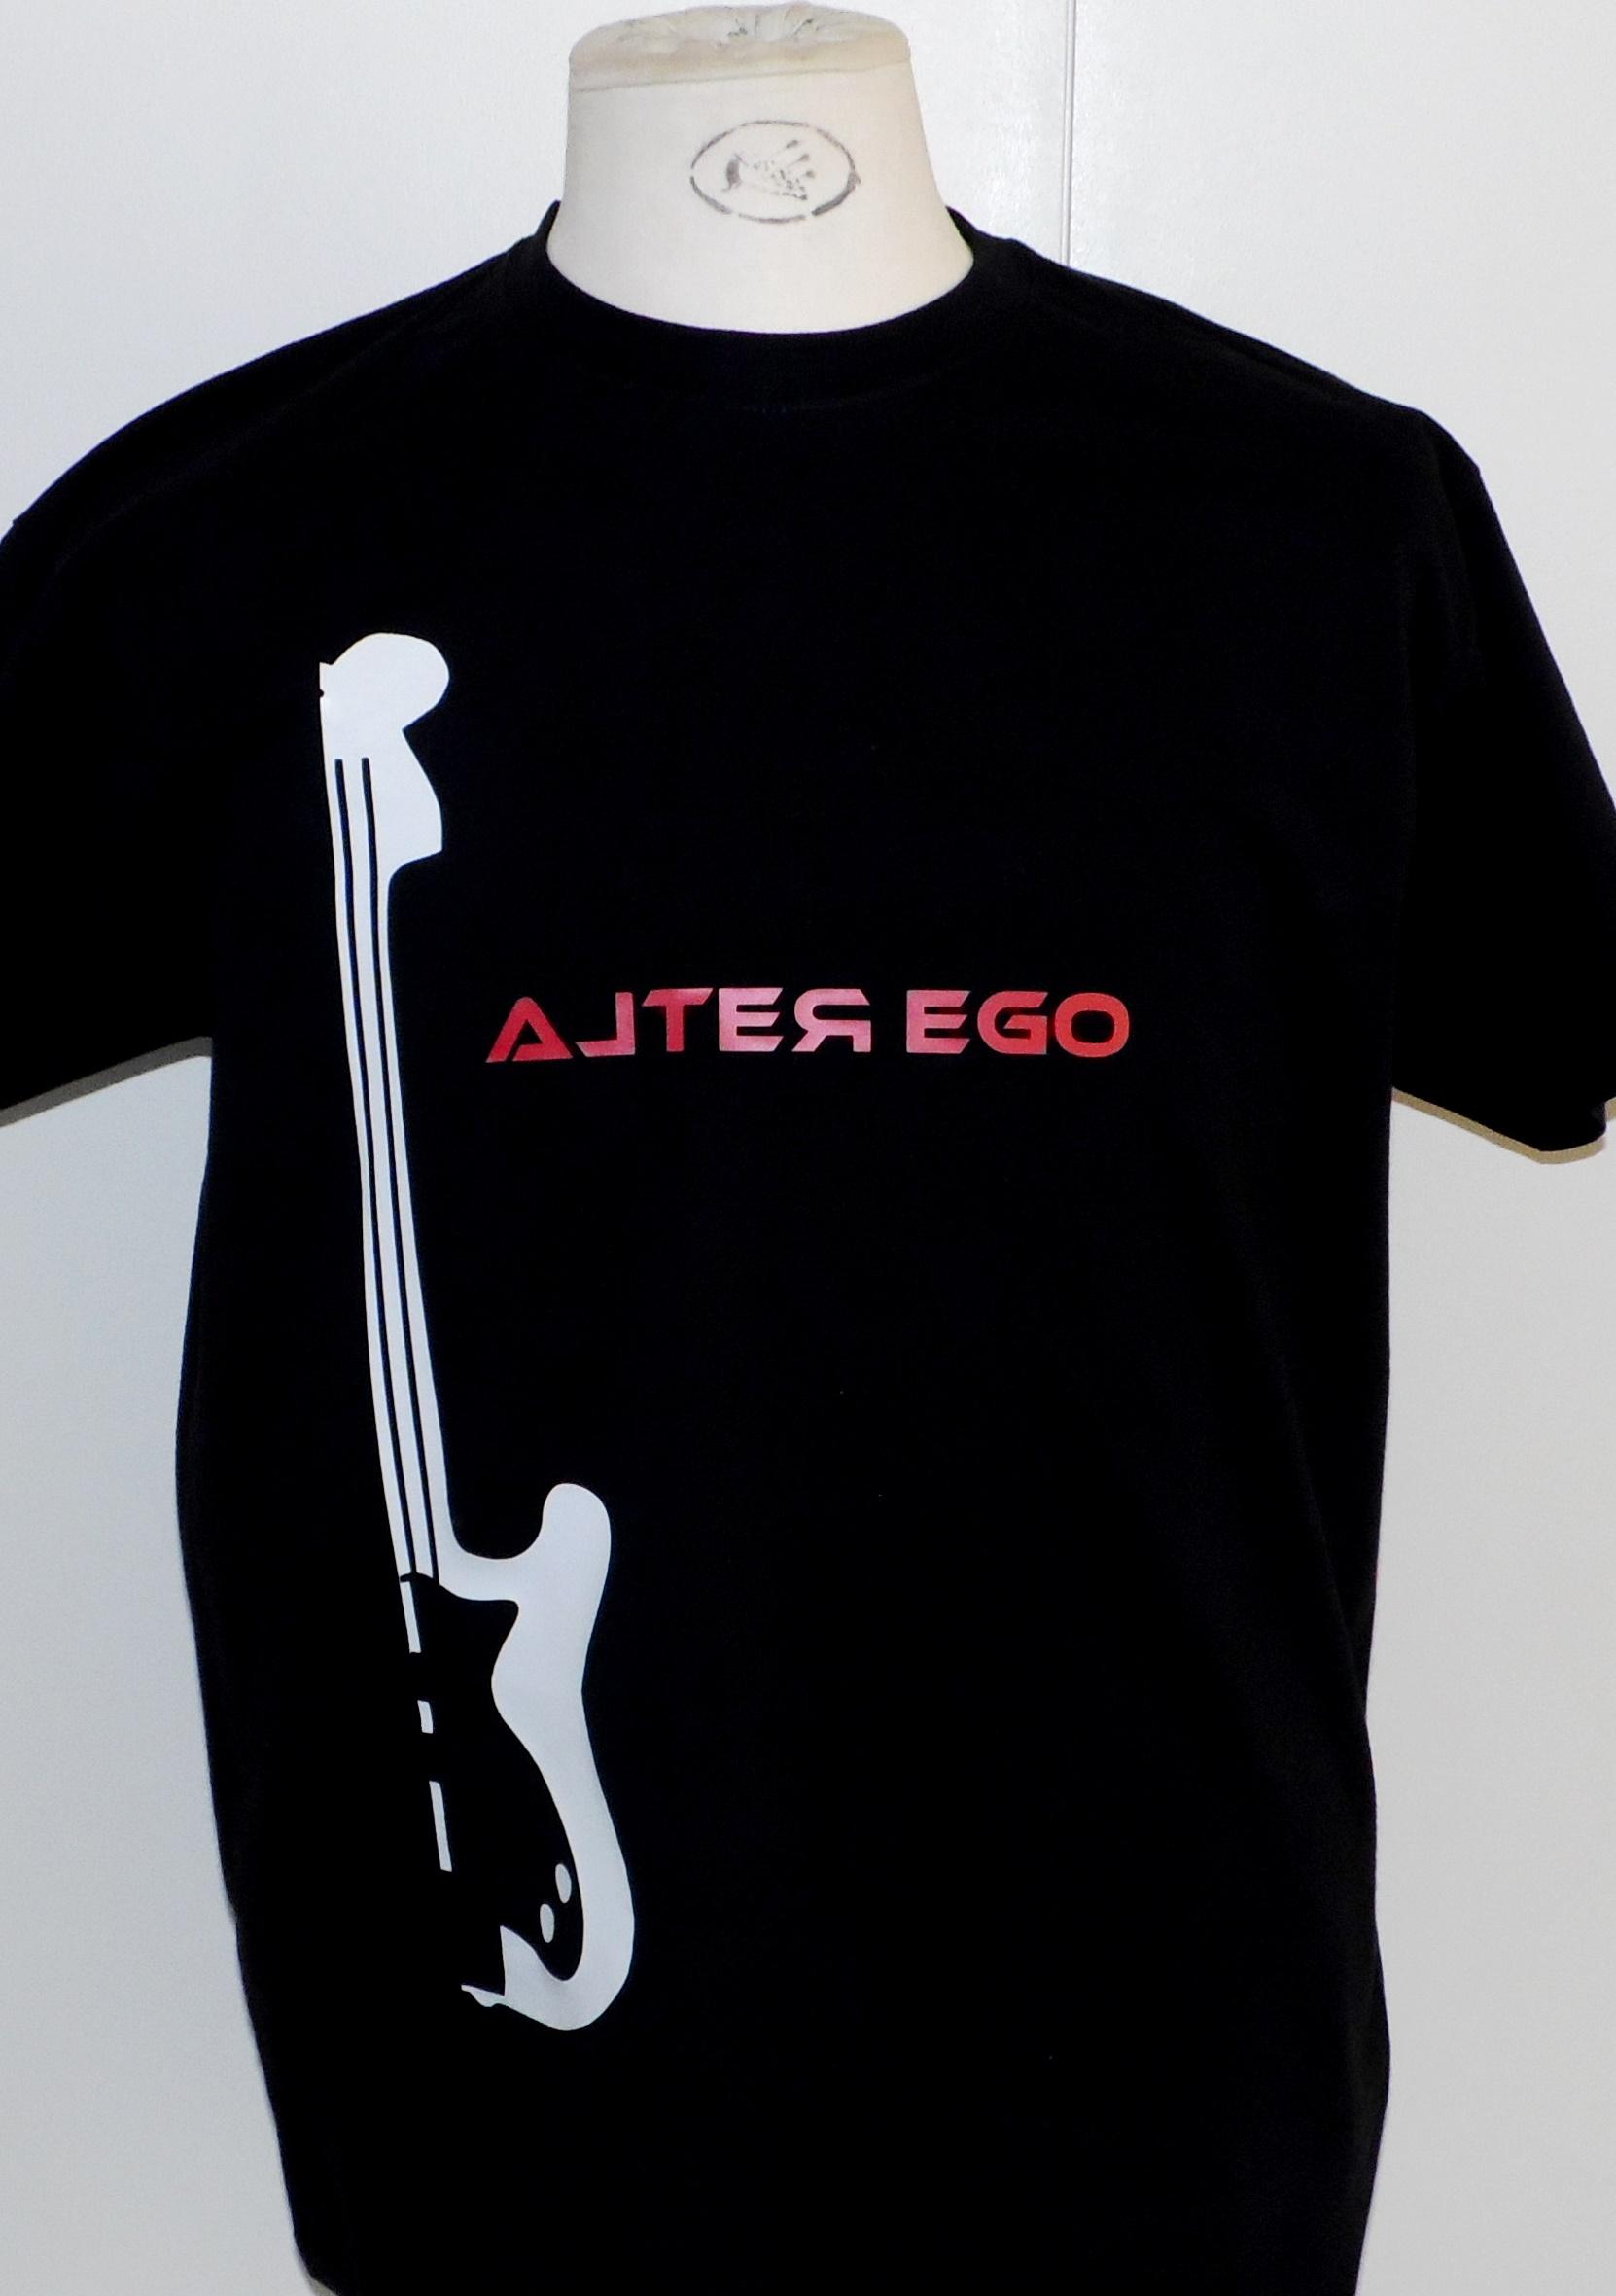 Tee-shirt personnalisé flocage pour groupe de musique